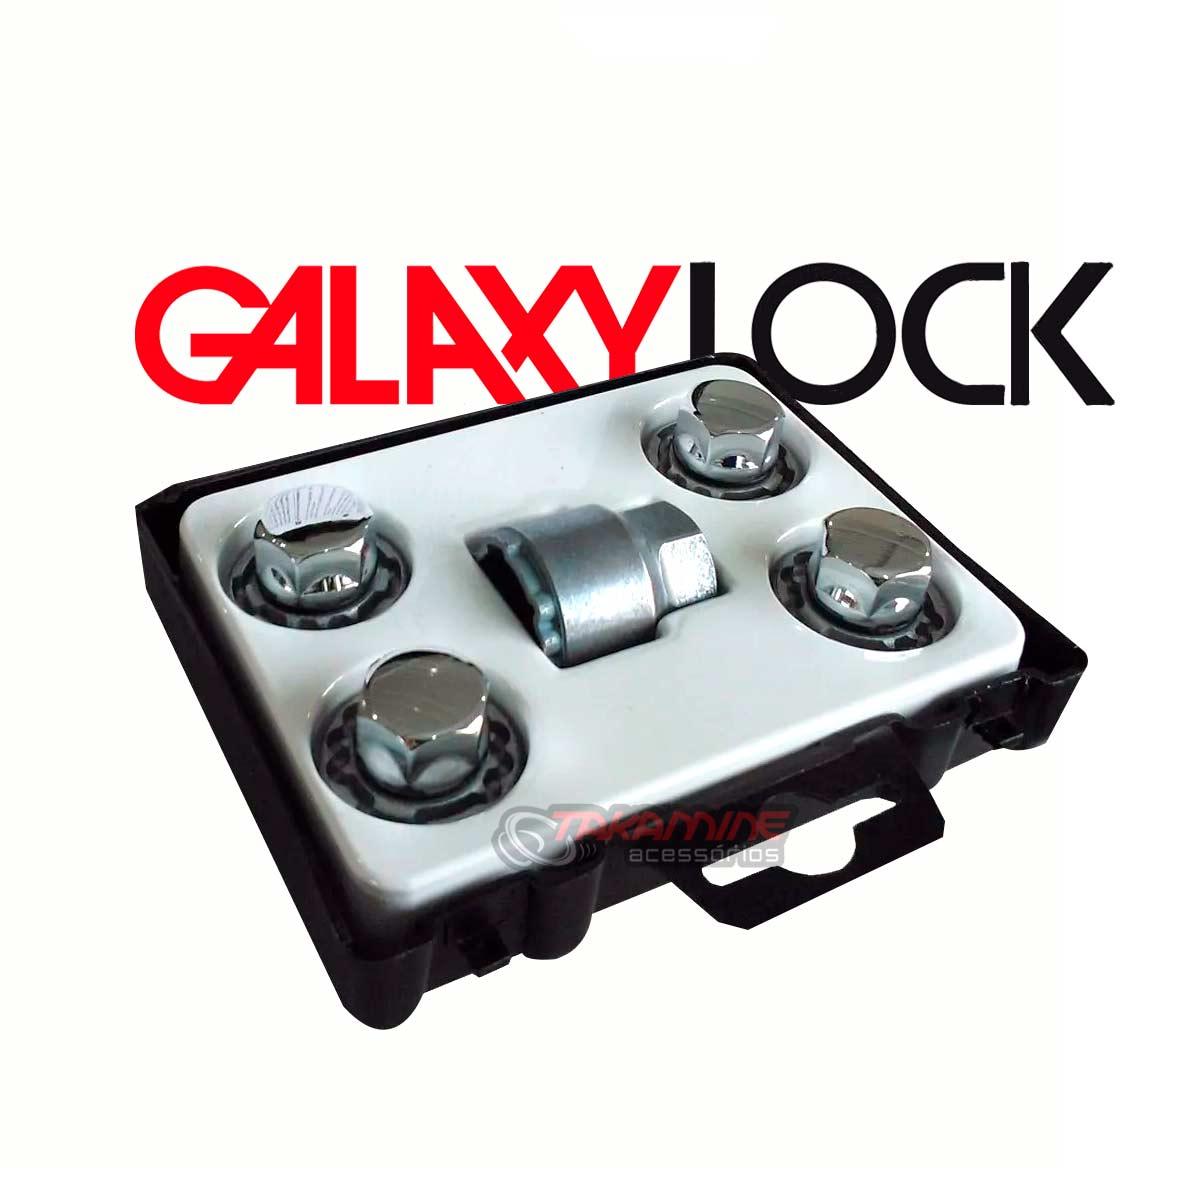 Porca antifurto para rodas Galaxy Lock Onix 2013 até 2020 H/M